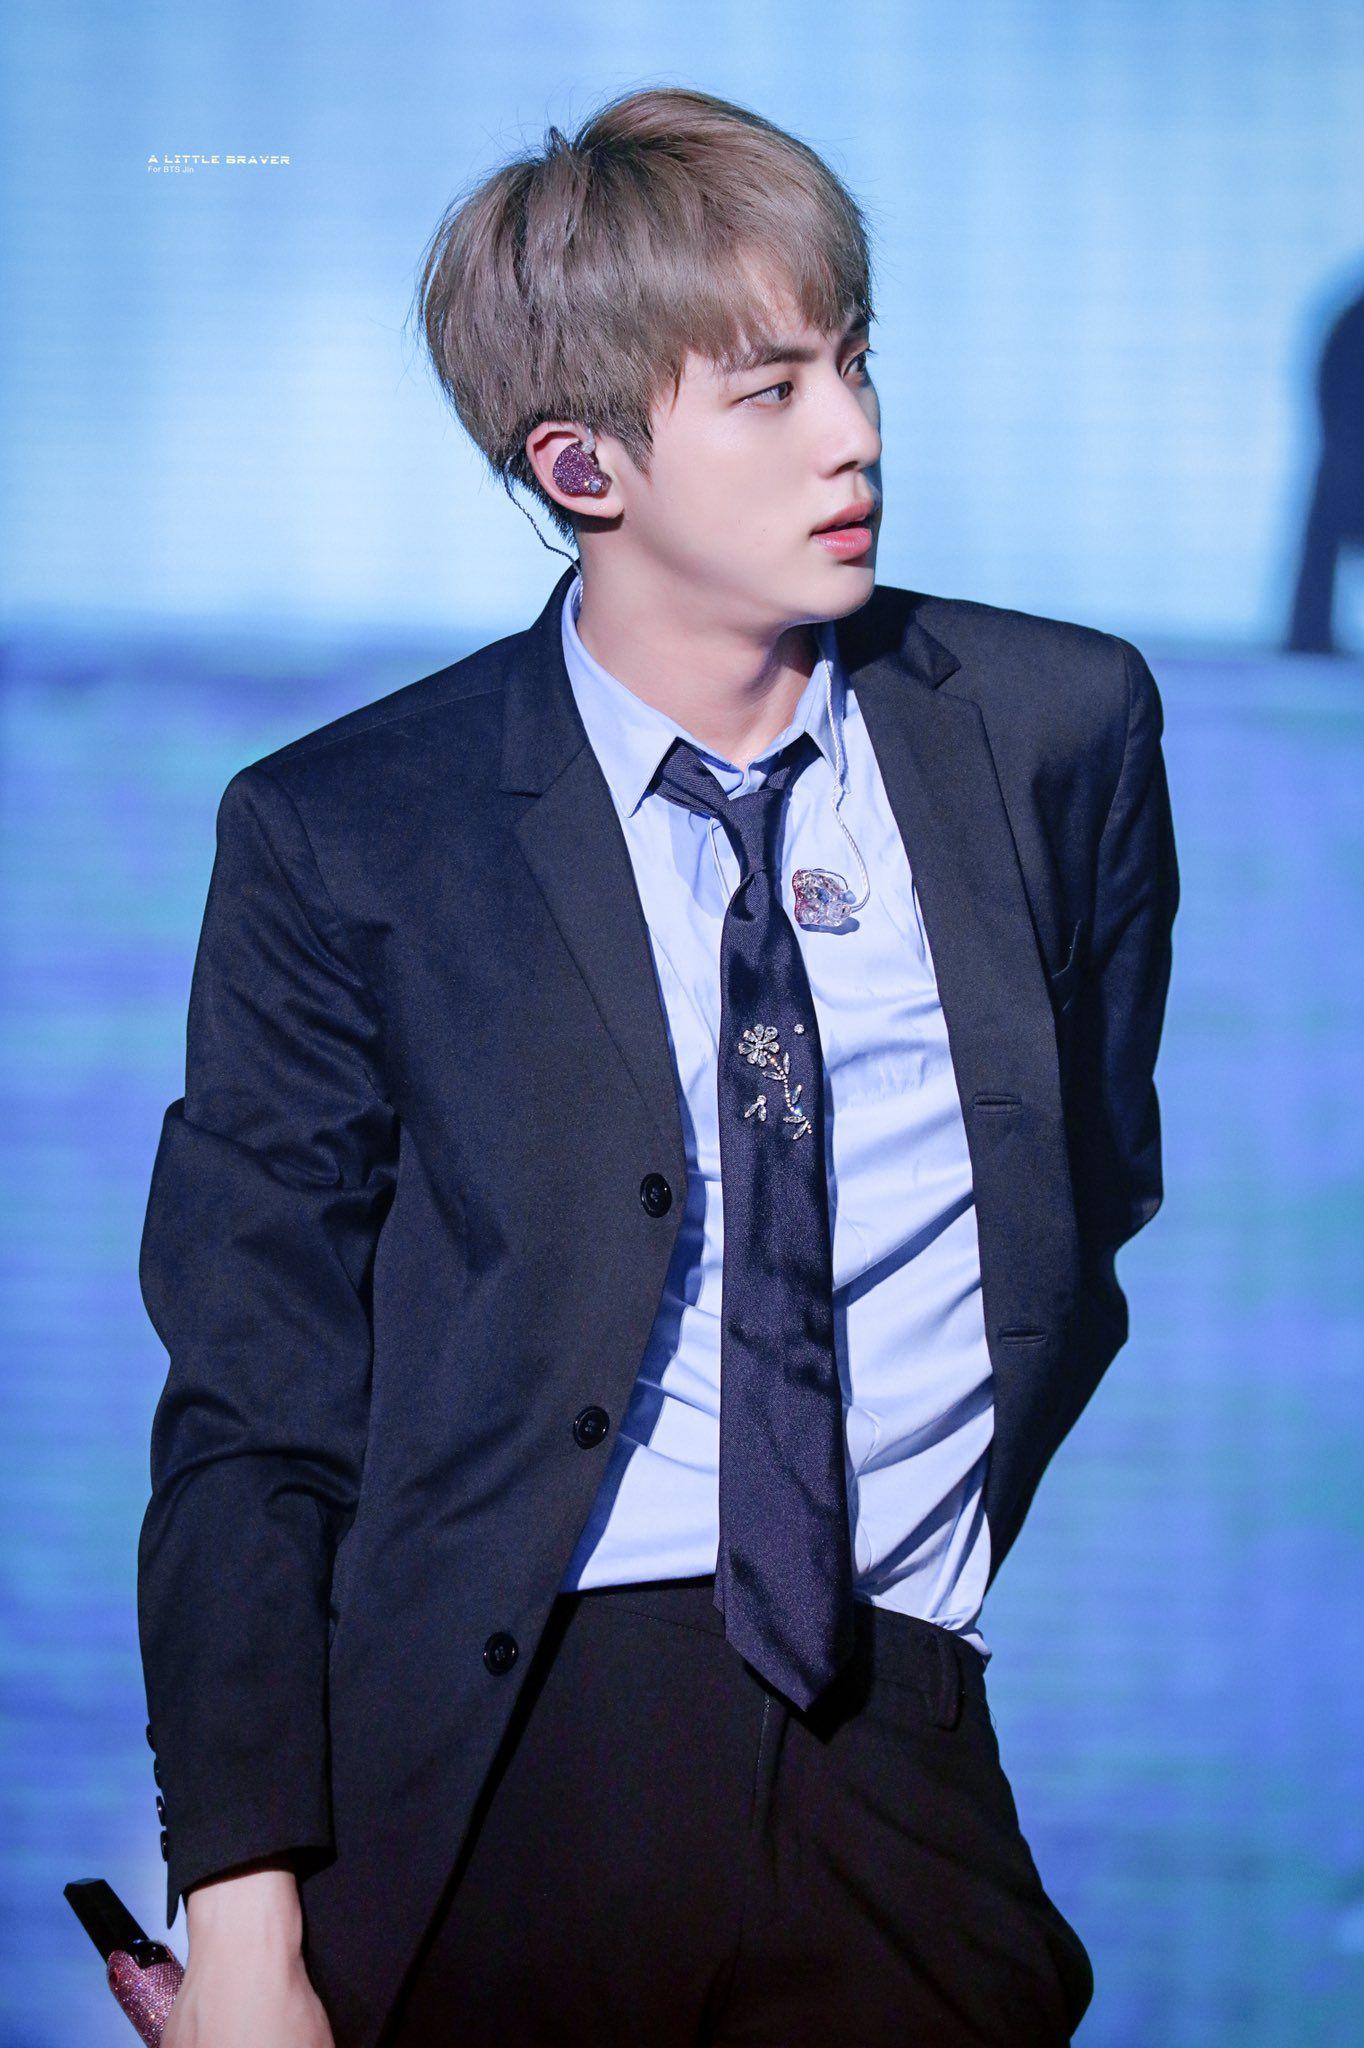 A LITTLE BRAVER 🐬 on in 2020 Worldwide handsome, Seokjin